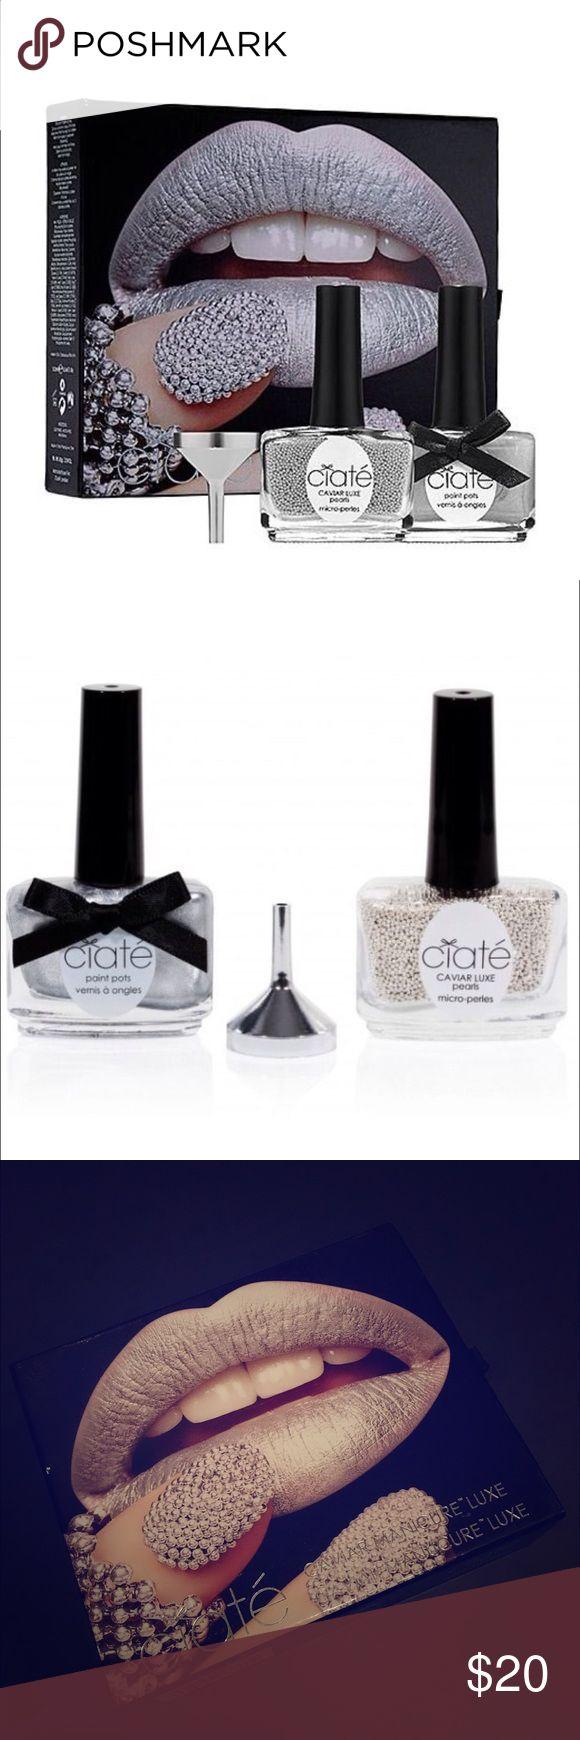 💯AUTH CIATÉ Caviar Manicure Luxe Nail Art Set NIB 💯 Authentic CIATÉ Caviar Manicure Luxe Nail Art Set , brand new in box. Includes: 1 x 13.5 ML CIATÉ Paint Pot / 1 x 65 grams Caviar Luxe Pearls / 1 x Funnel / 1 x Tray . CIATÉ Makeup